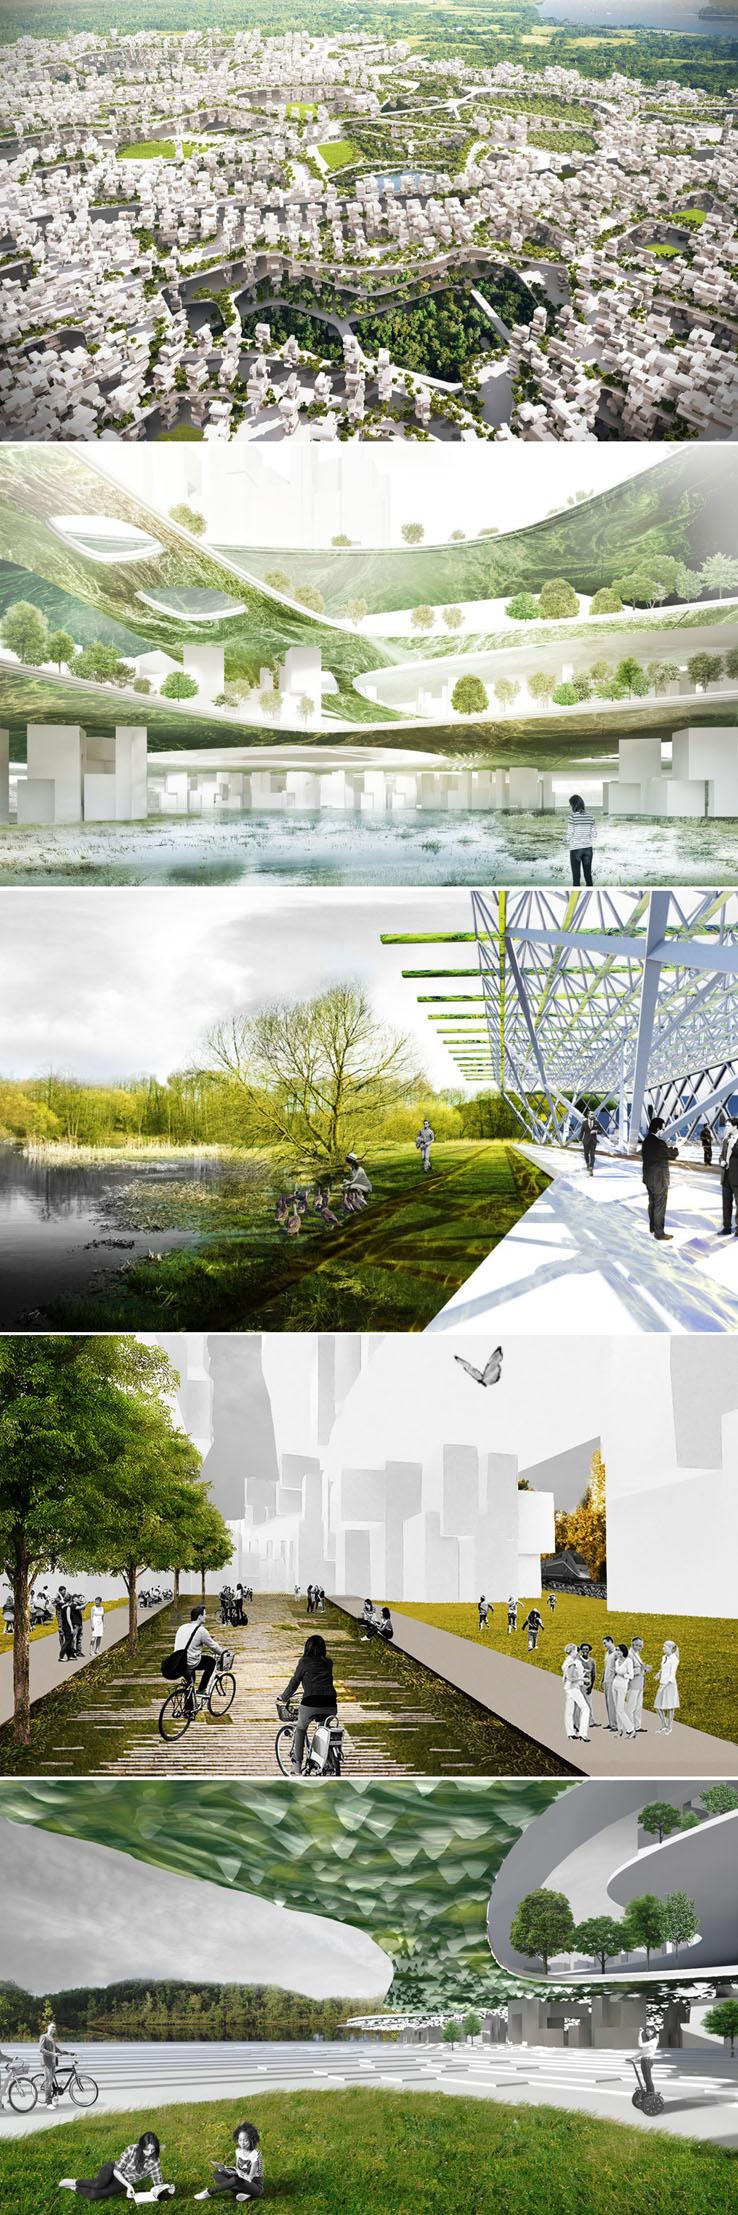 Liberland terá a primeira cidade empilhável do mundo alimentada por algas stylo urbano